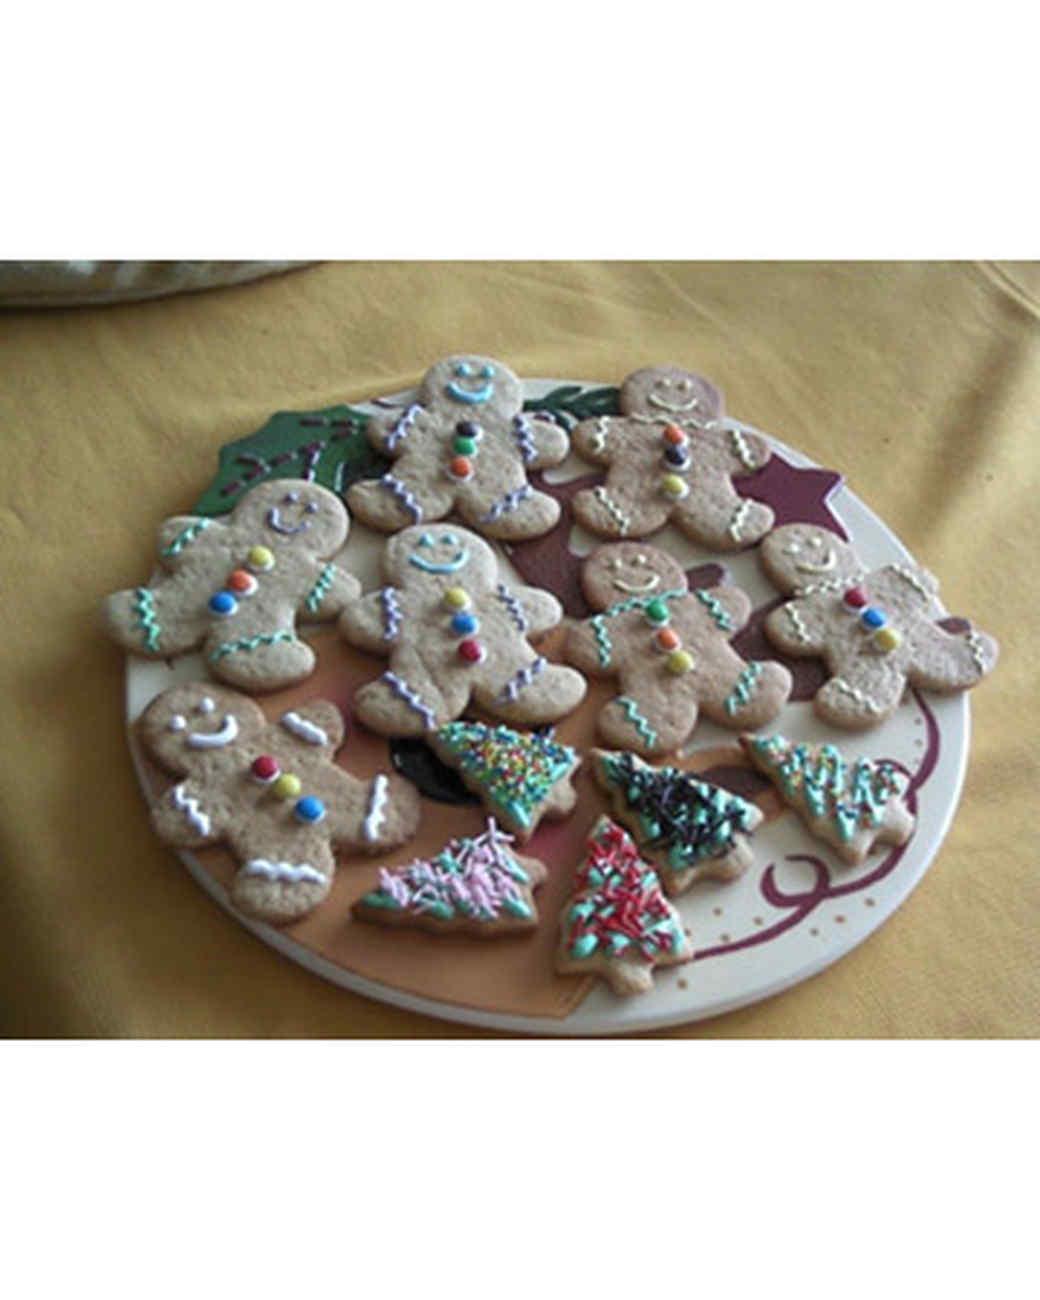 cookie_ugc_1209_5435072_11669969.jpg